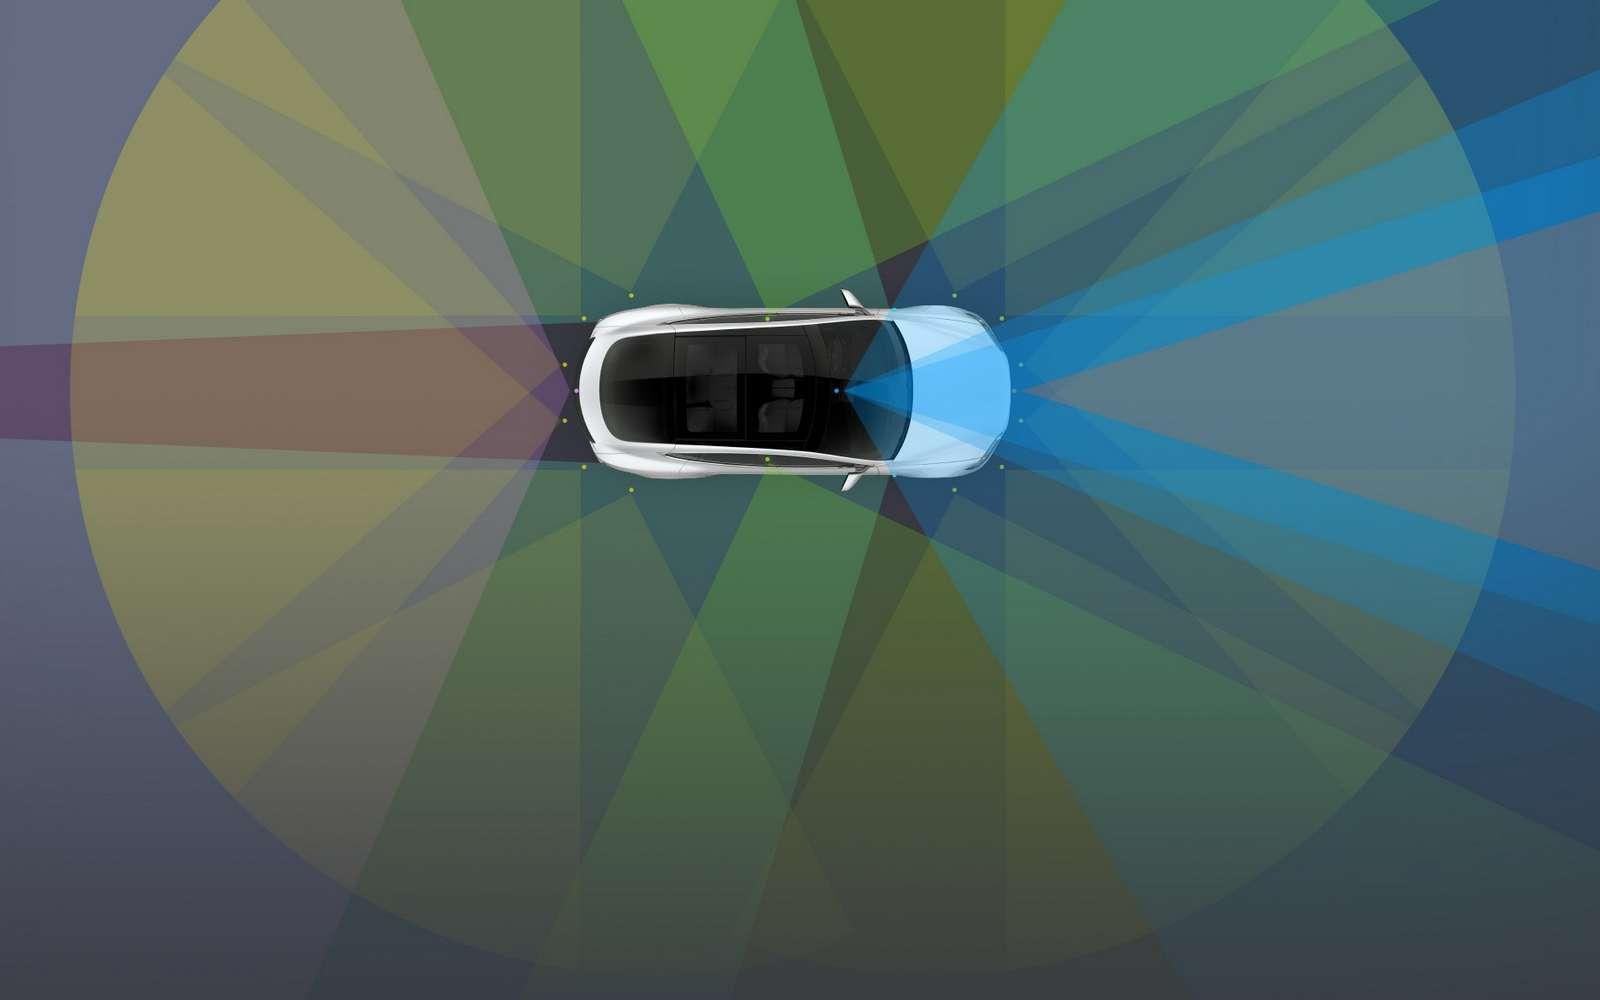 L'Autopilot des Tesla n'est pas un système de conduite autonome à part entière. Il requiert que le conducteur garde ses mains sur le volant et soit attentif à la route. © Tesla